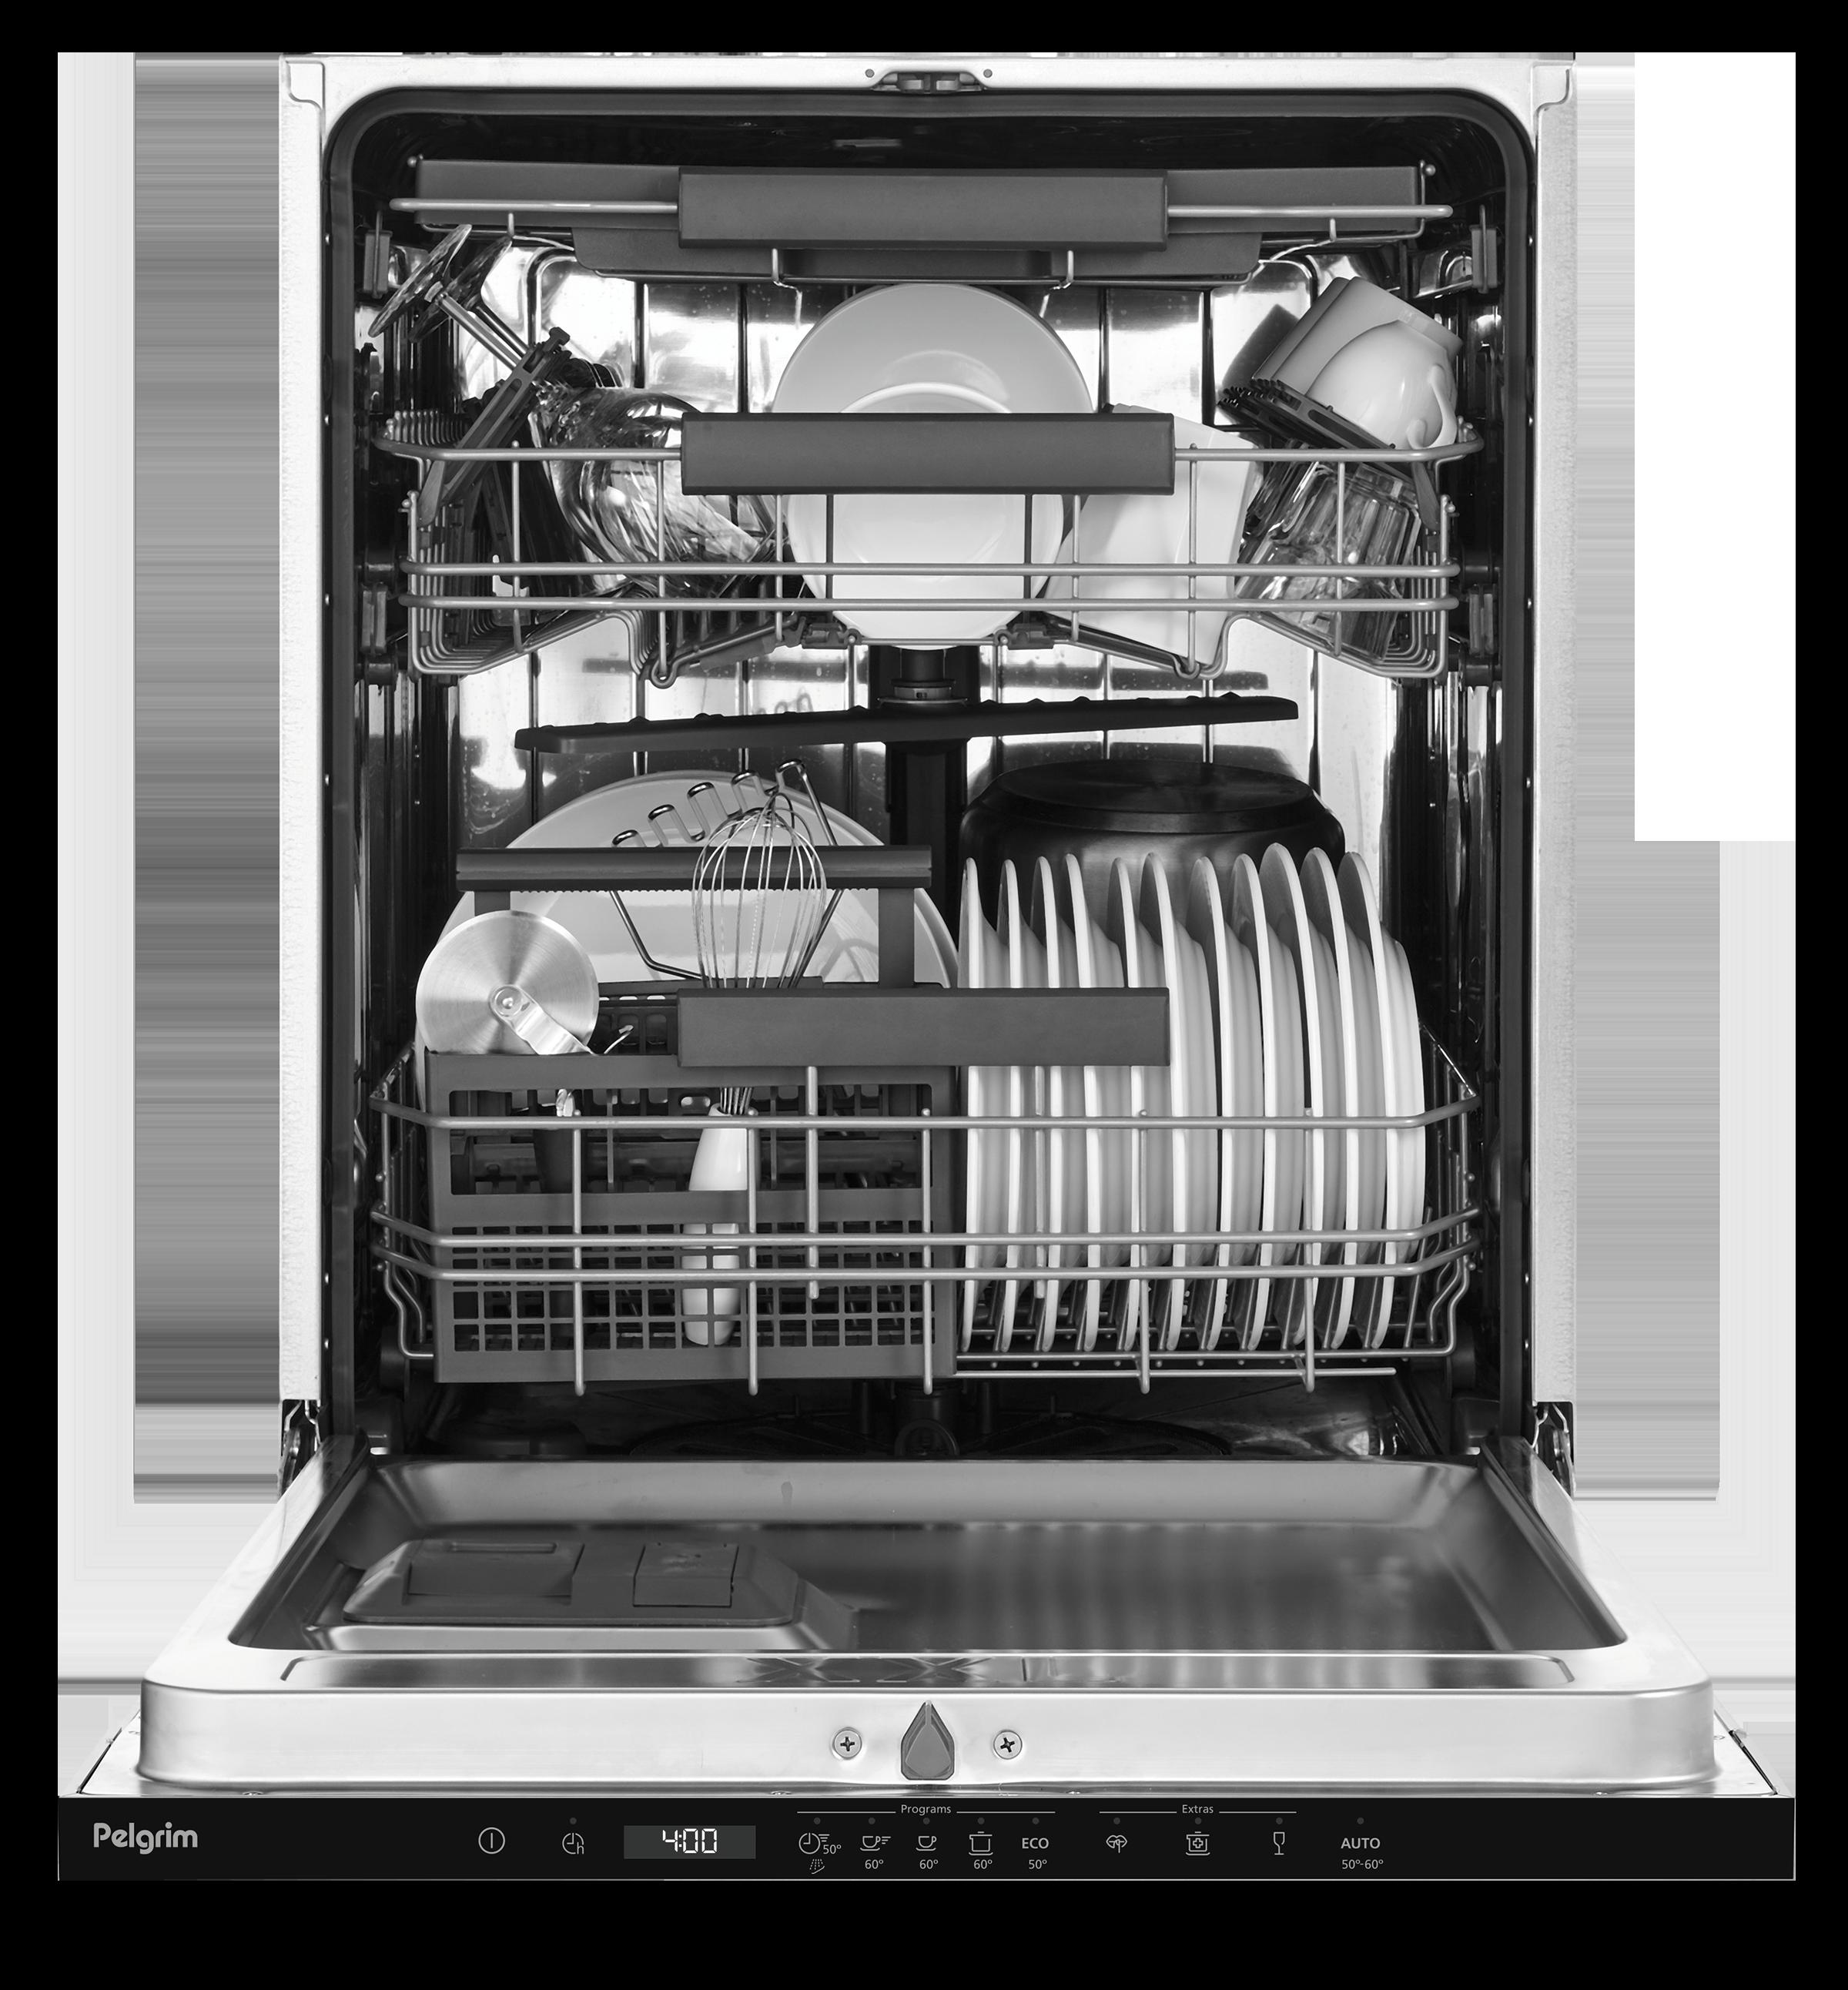 Lave-vaisselle avec porte à glissières, 82 cm de haut, tiroir à couverts supplé